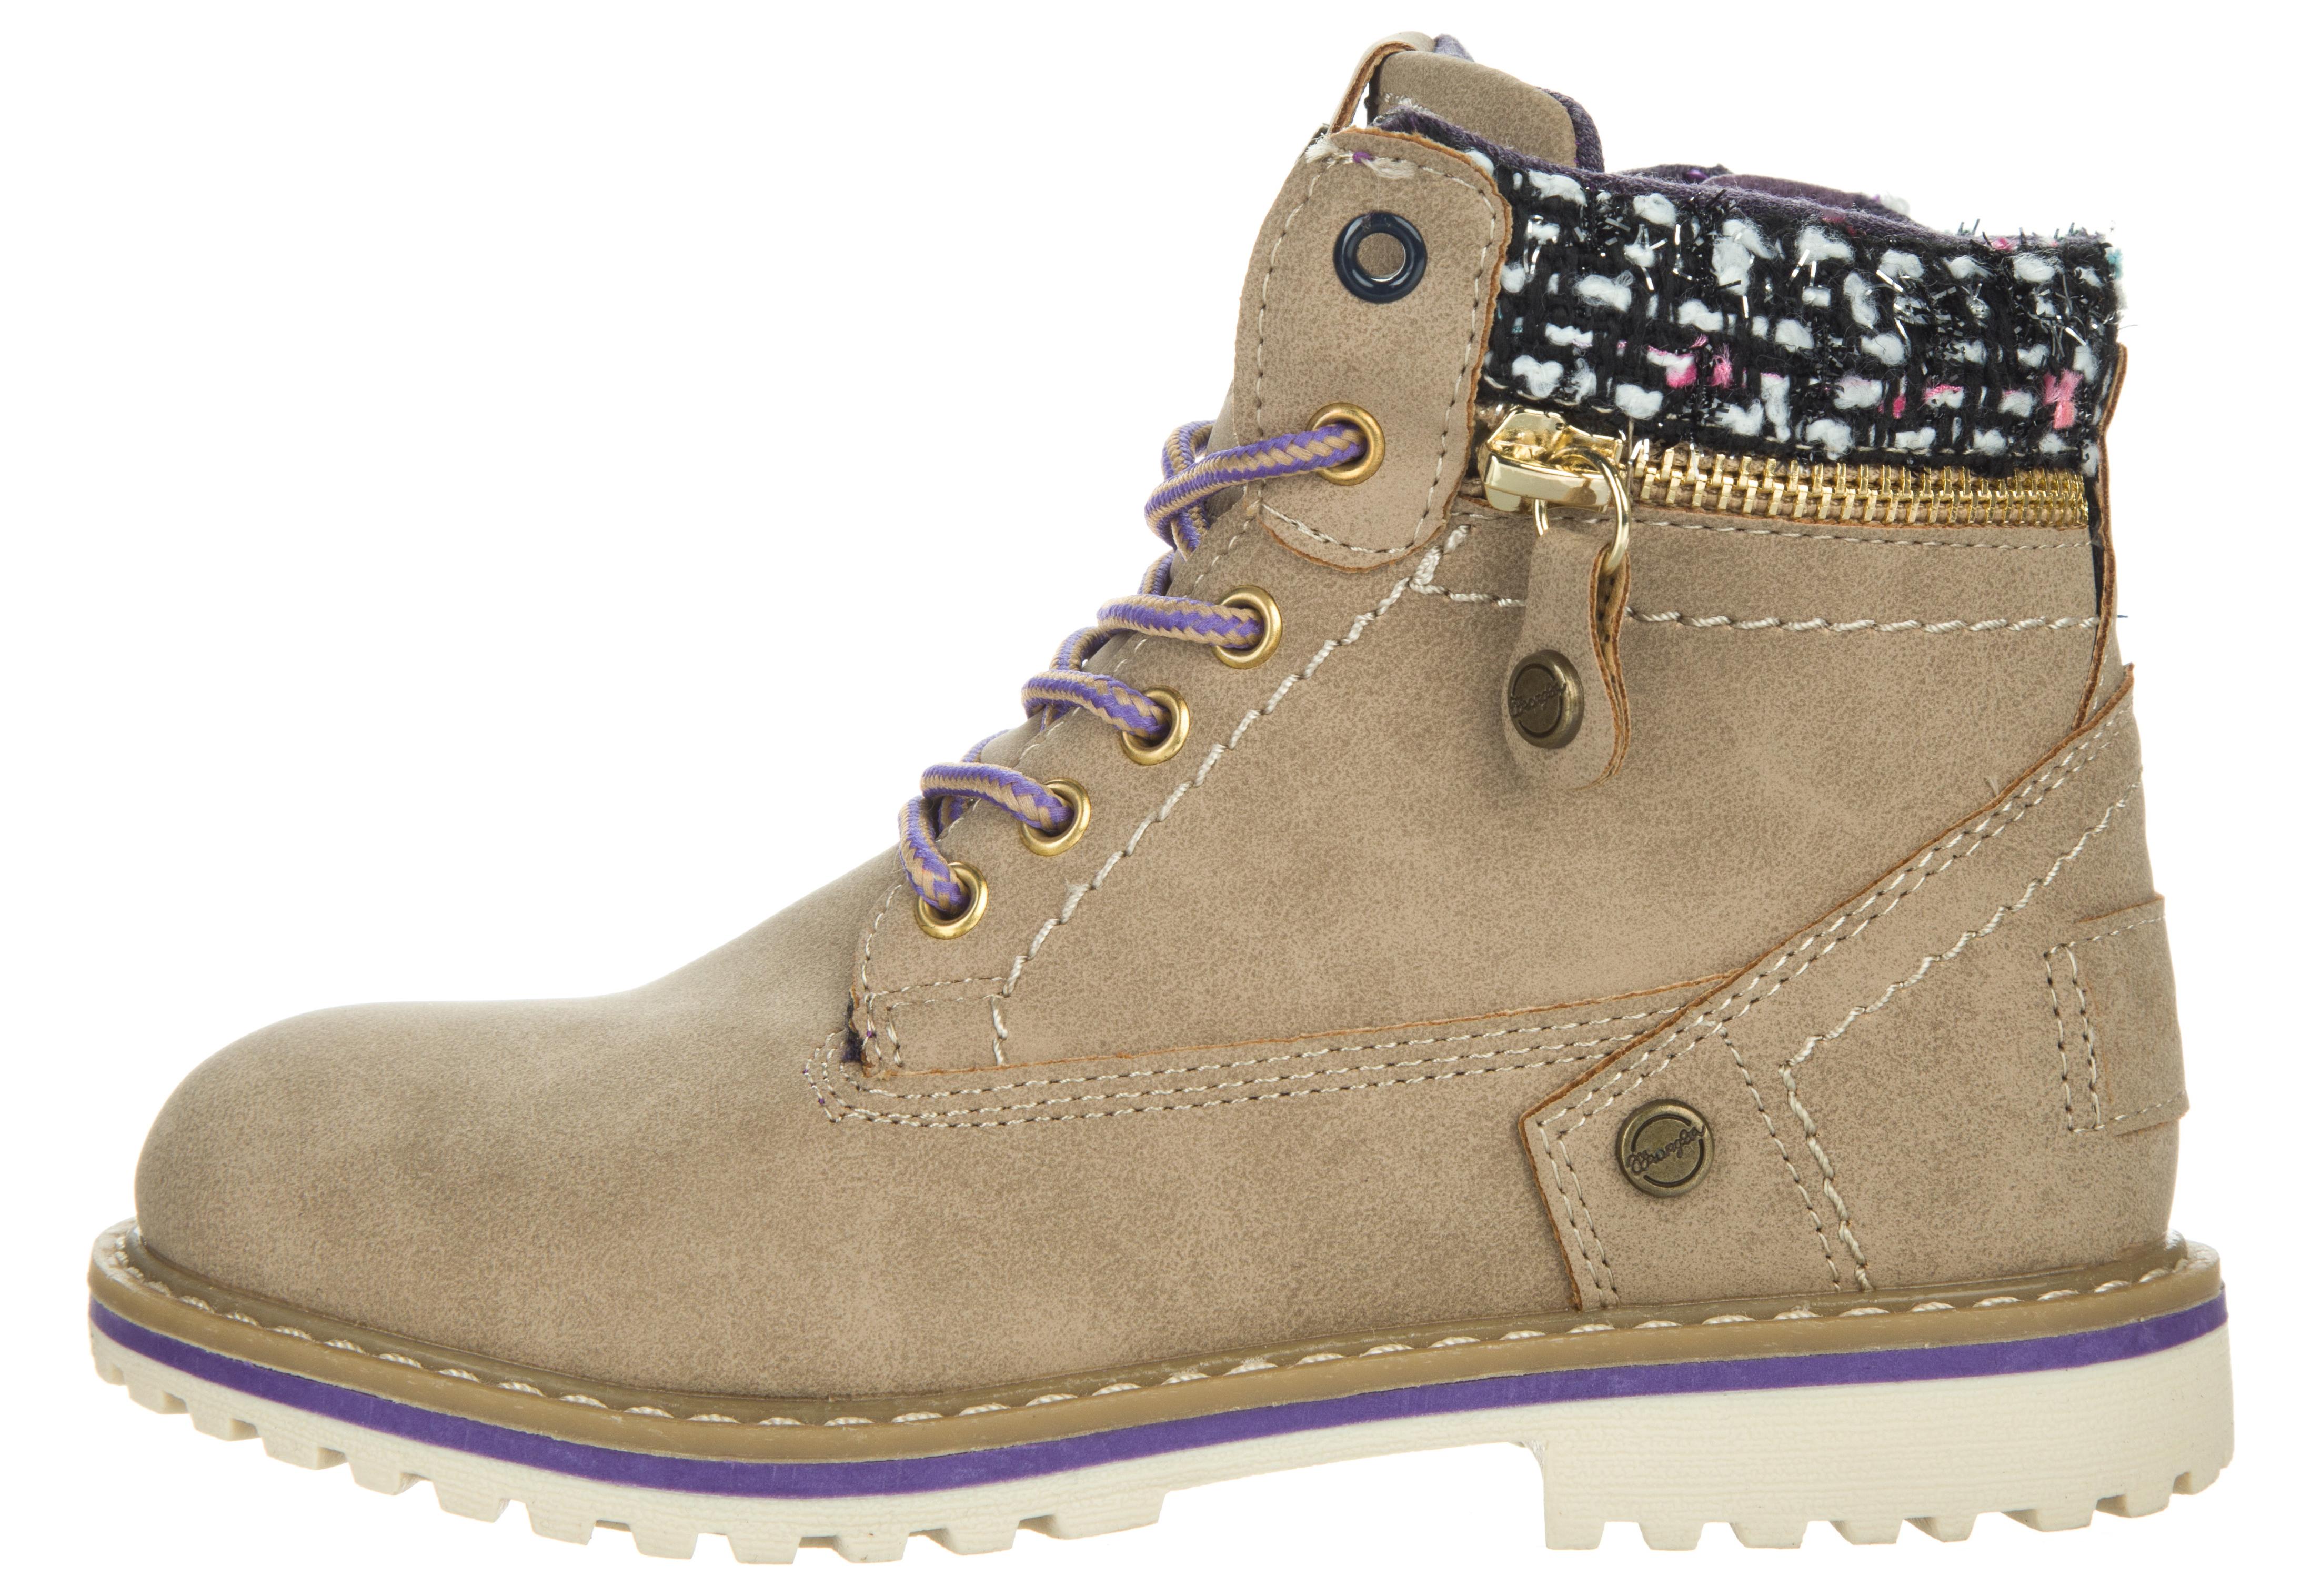 ... Wrangler Creek Zip Kotníková obuv dětská Béžová. -10% -24% bc44171c06